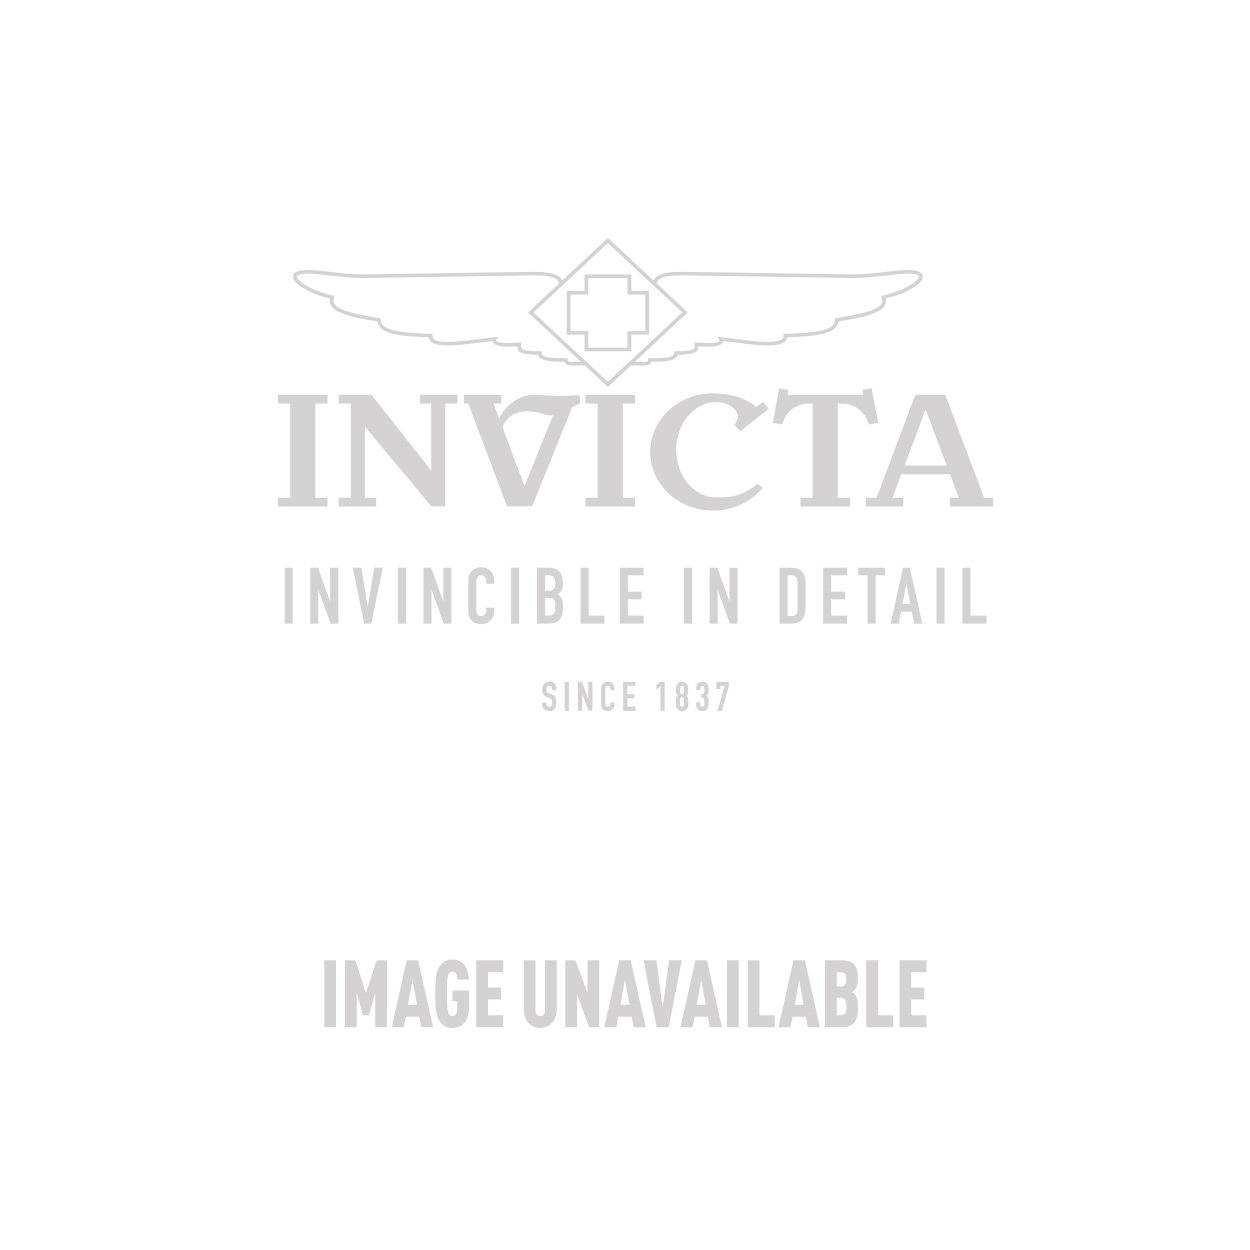 Invicta Model 27560